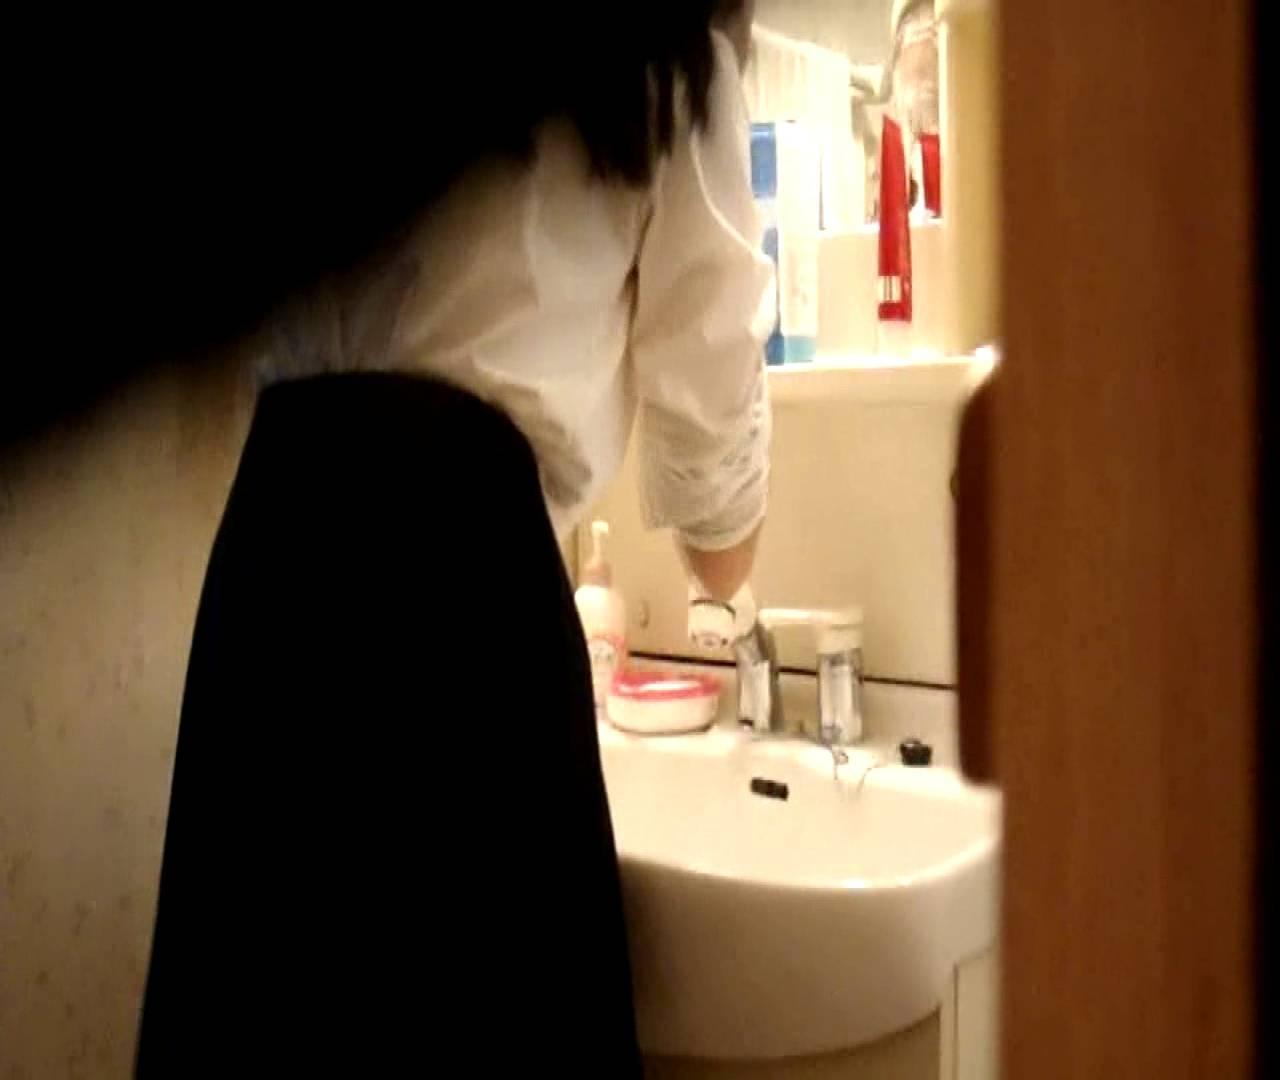 二人とも育てた甲斐がありました… vol.05 まどかが洗顔後にブラを洗濯 盗撮特集   おまんこ  86画像 41